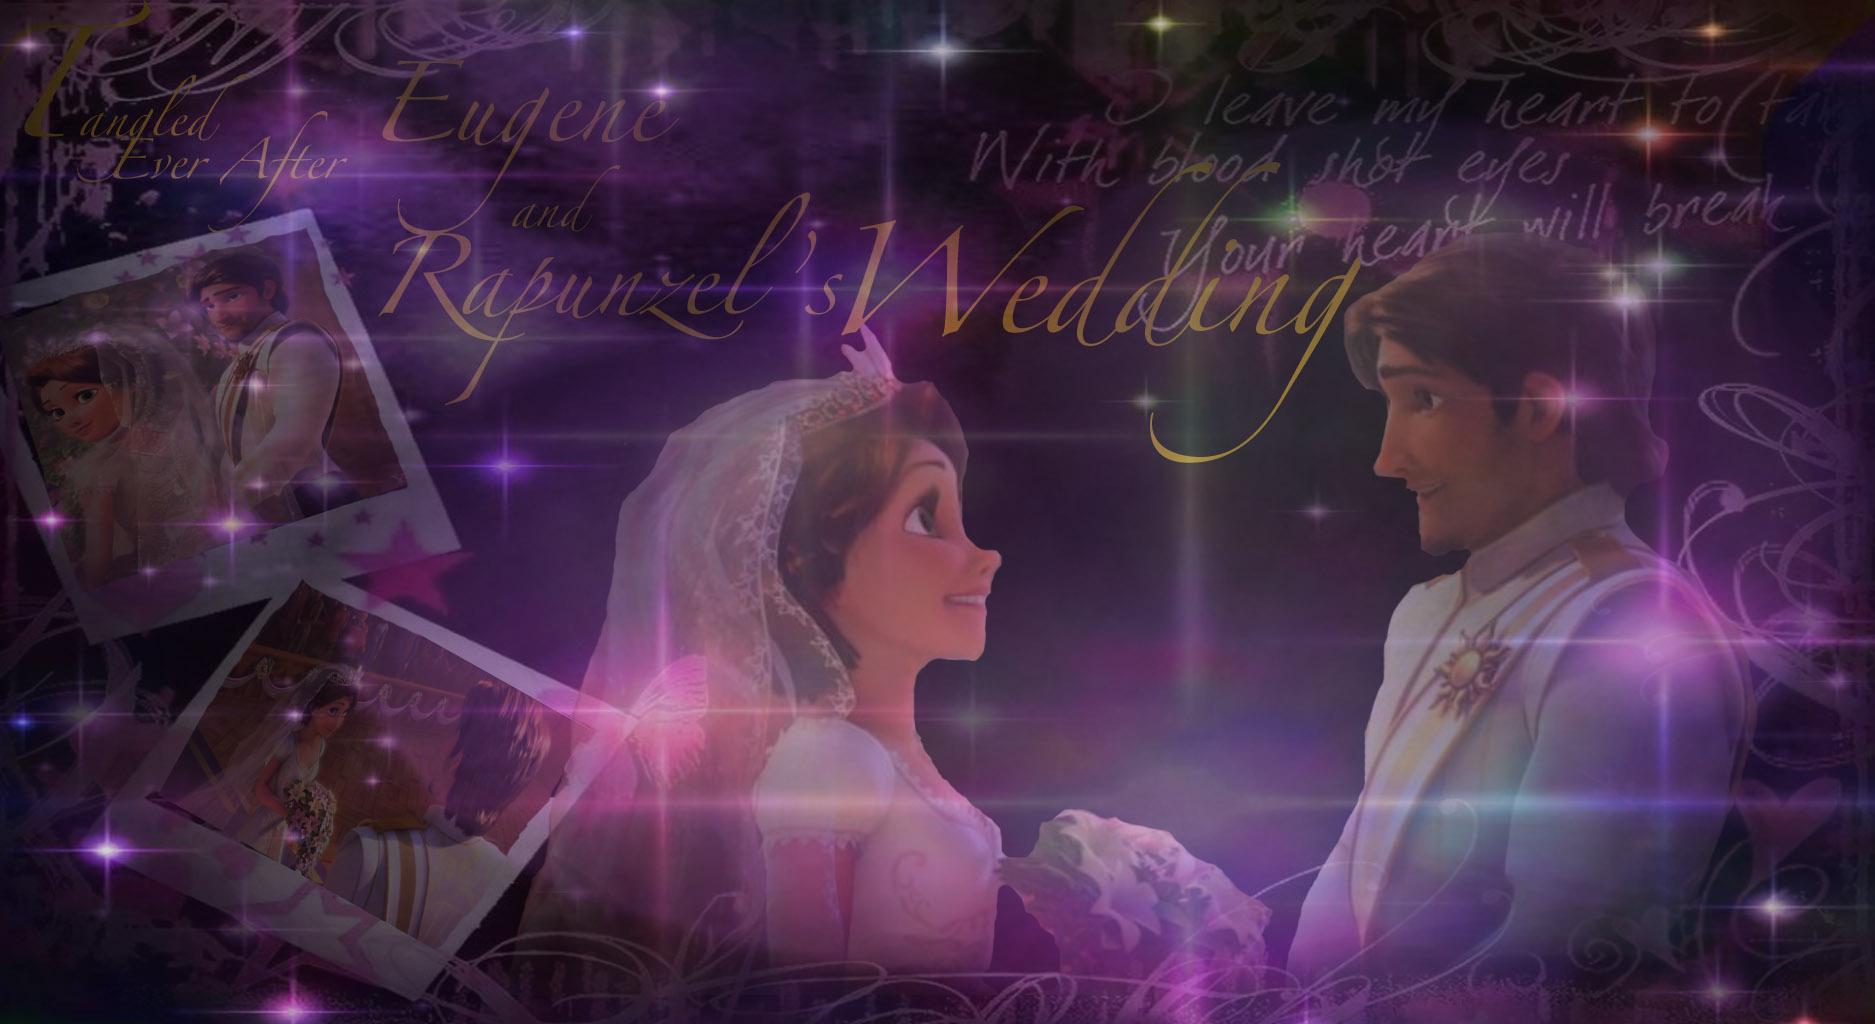 Tangled Ever After images Eugene & Rapunzel's Wedding HD ...